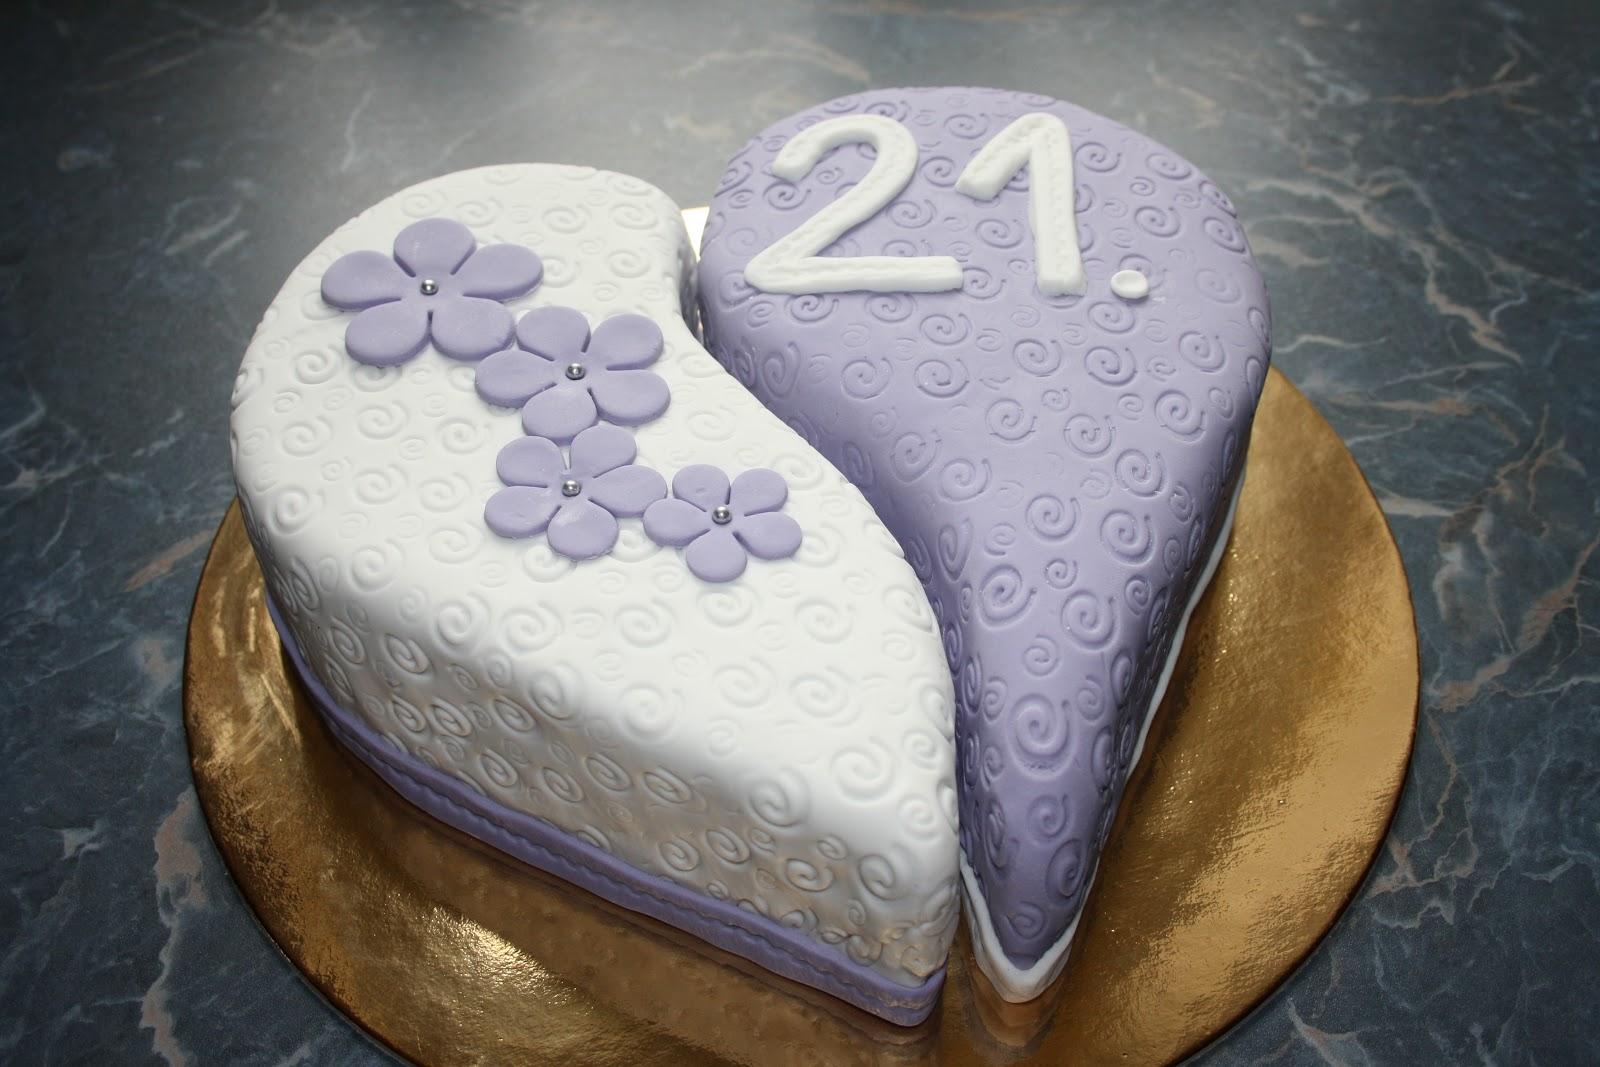 szív alakú torta képek BAB gluténmentes blogja: Szív alakú torta szív alakú torta képek